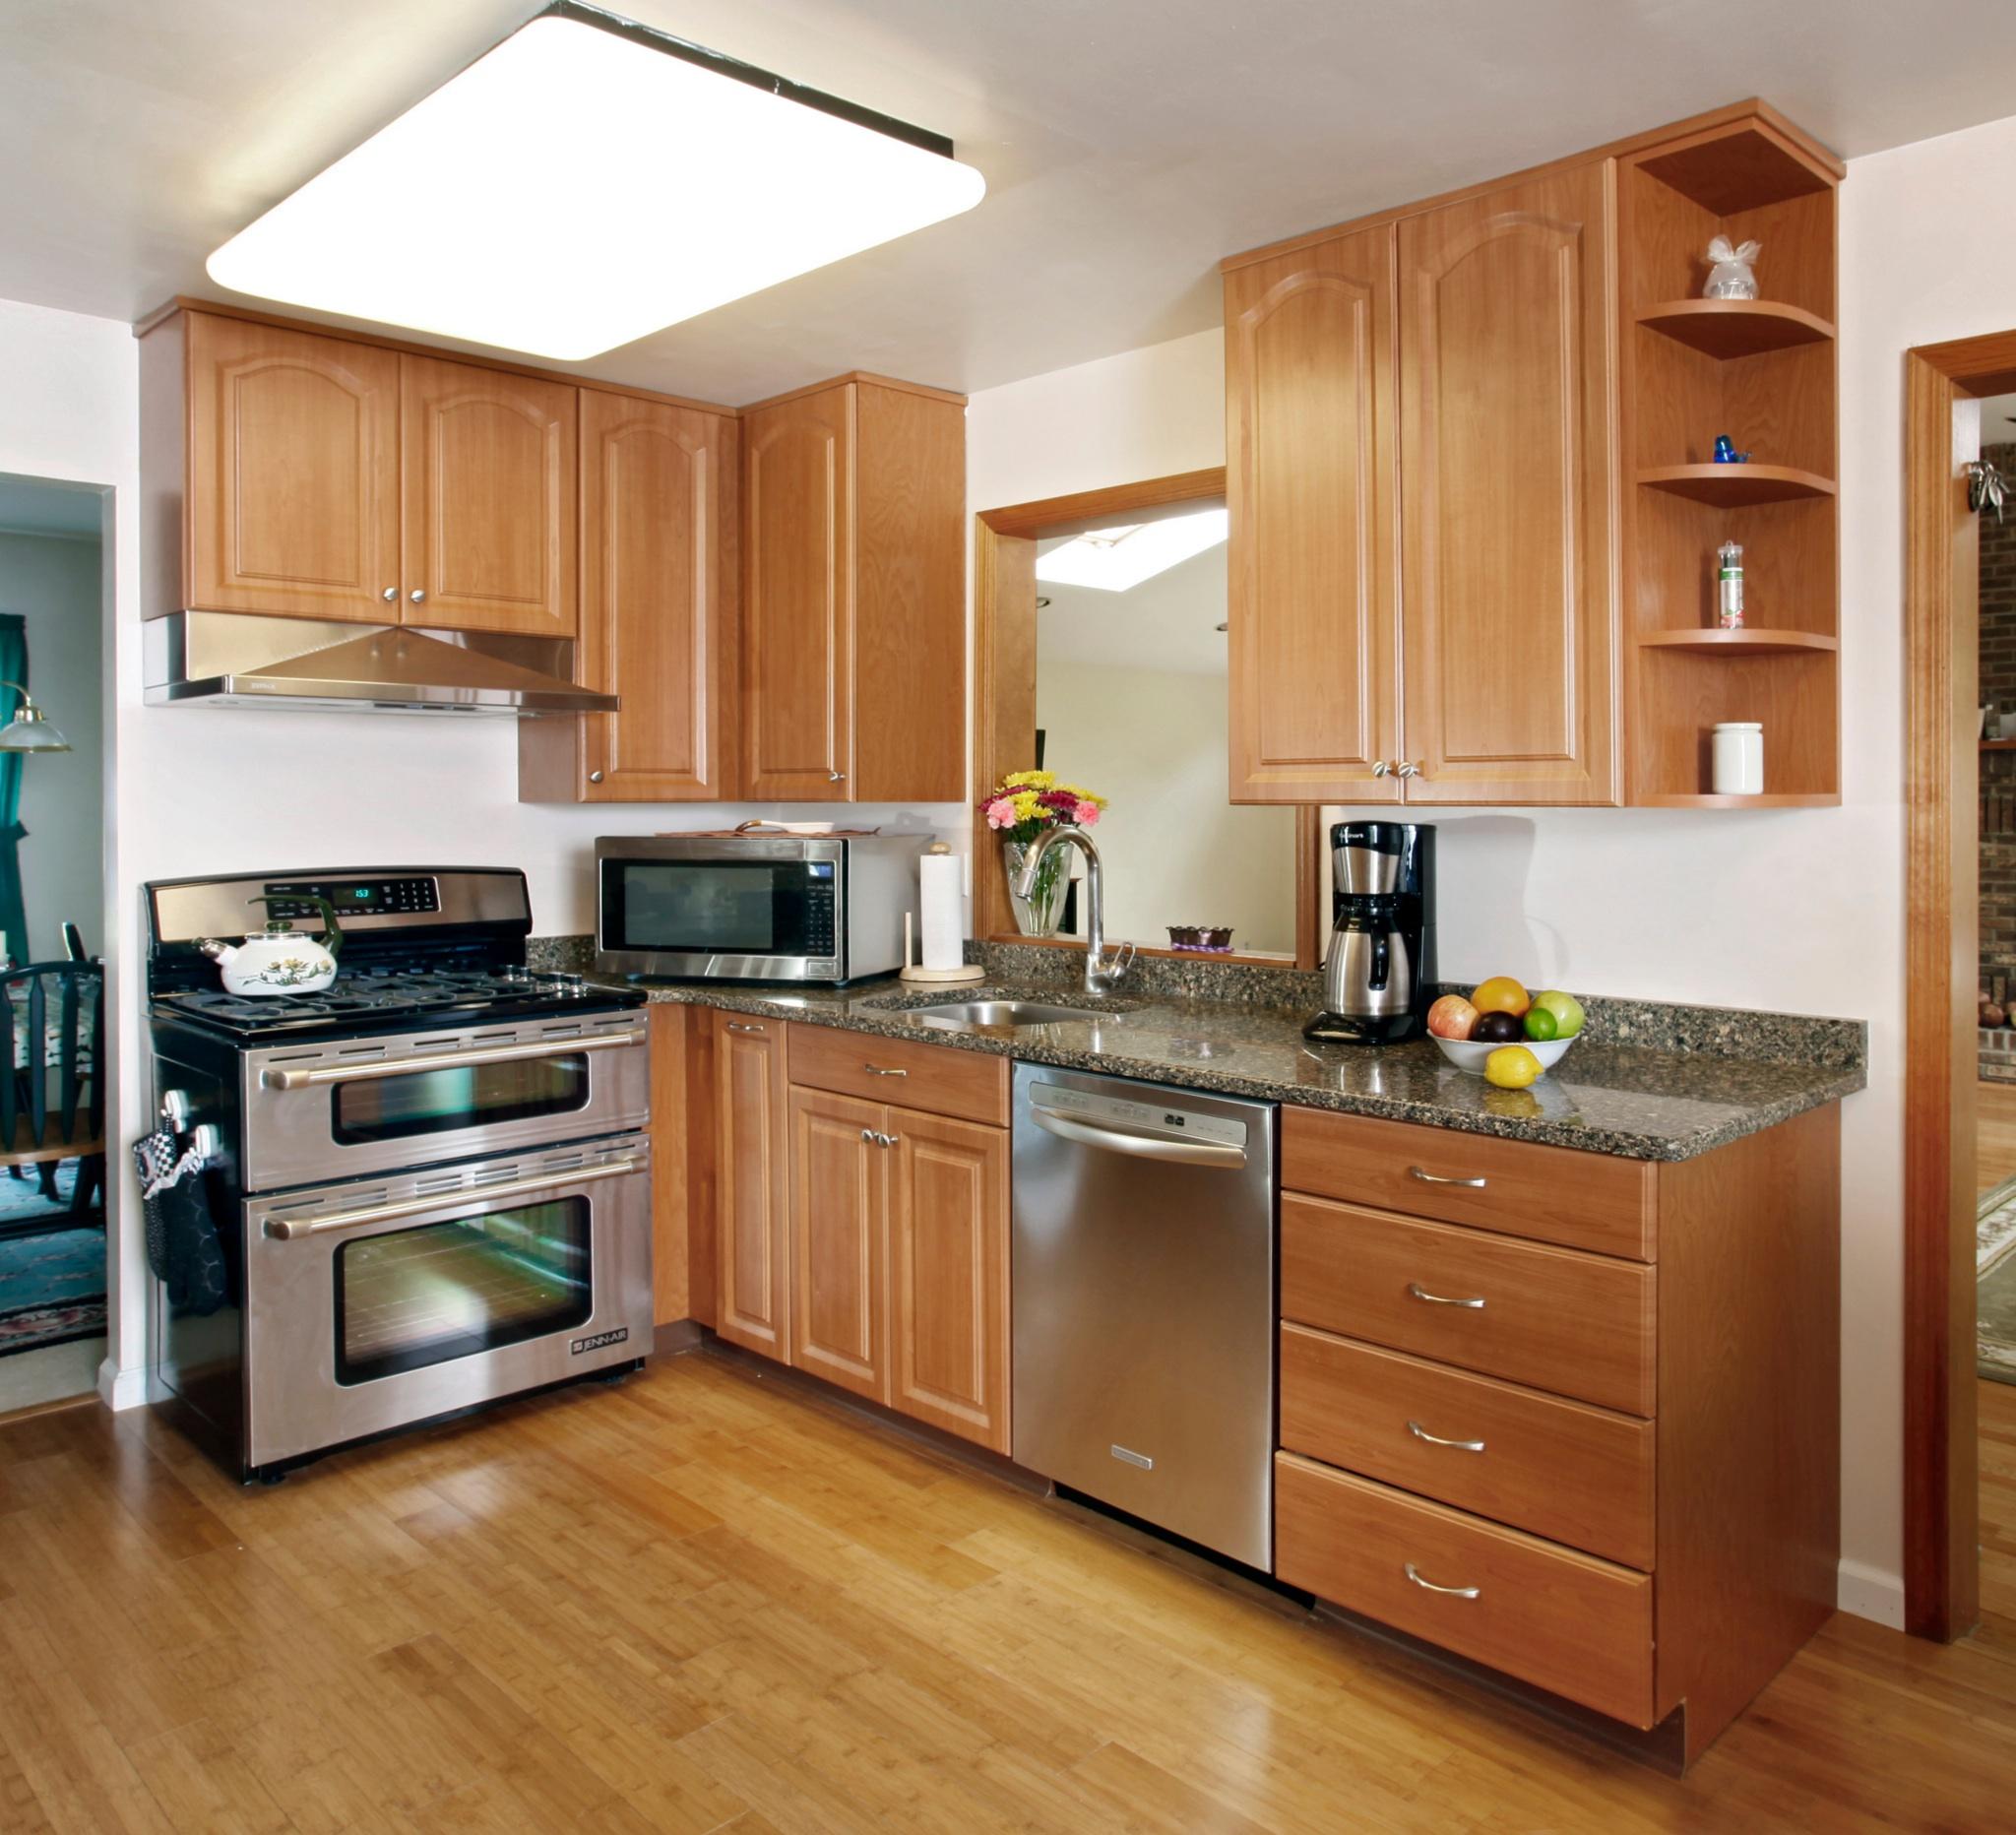 dark wild apple cabinets jpg?t=1472832130373&width=598&name=dark wild